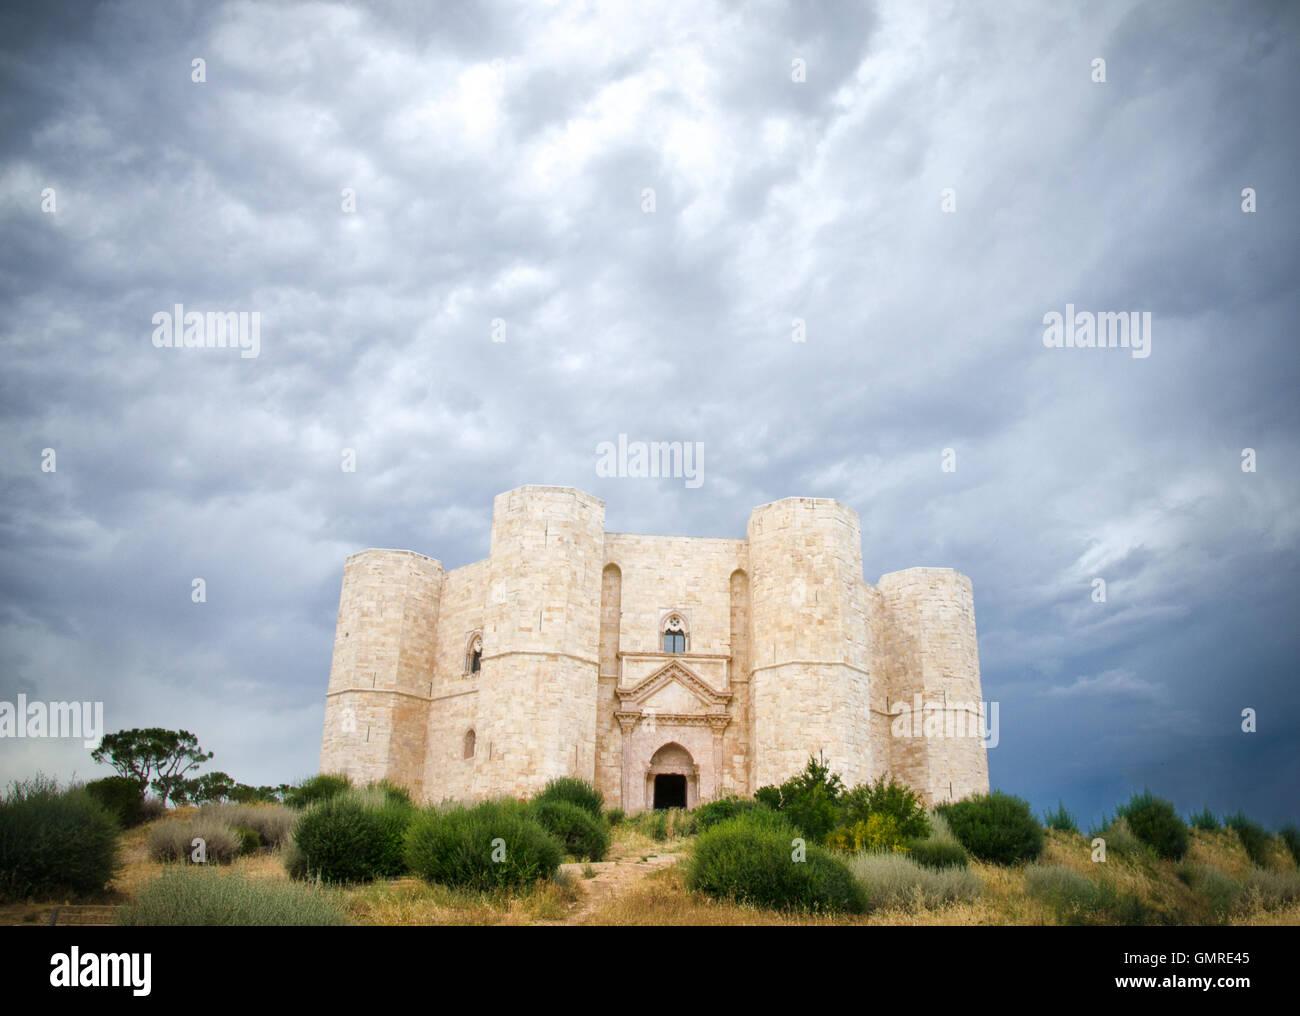 Castel del Monte, Andria, Apulia - castle dramatic cloudy sky Stock Photo